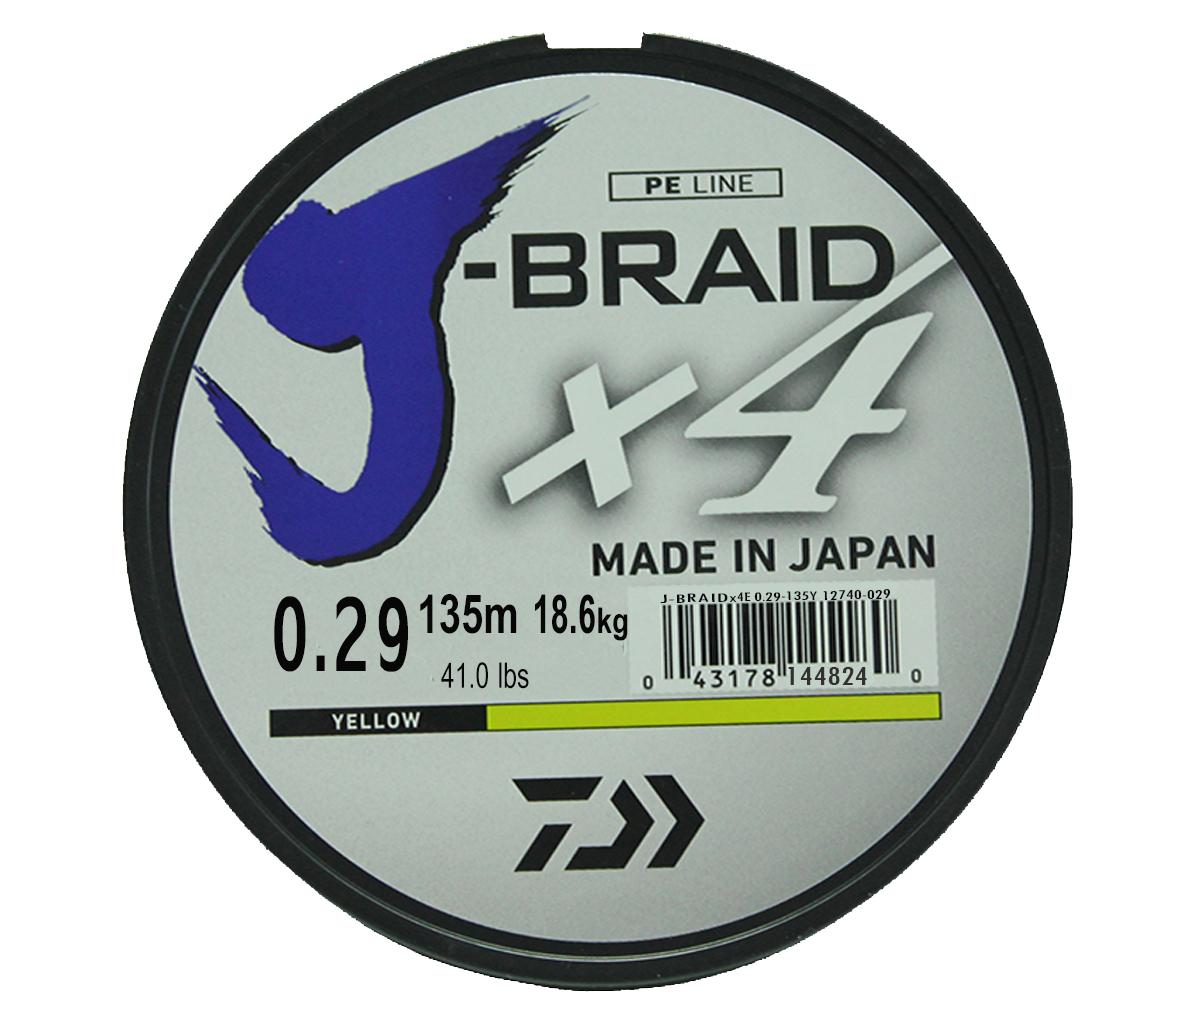 Шнур плетеный Daiwa J-Braid X4, цвет: флуоресцентный желтый, 135 м, 0,29 мм61143Новый 4х жильный шнур J-Braid, DAIWA - шнур высокого класса с удивительным соотношением цены и качества. Качество плетения полностьюсоответствует японским стандартам и удовлетворяет всем требованиям. Представленные диаметры позволяют использовать шнур для всех техникловли, начиная от ultra- light ловли окуня, до морской ловли палтуса, трески и т.д